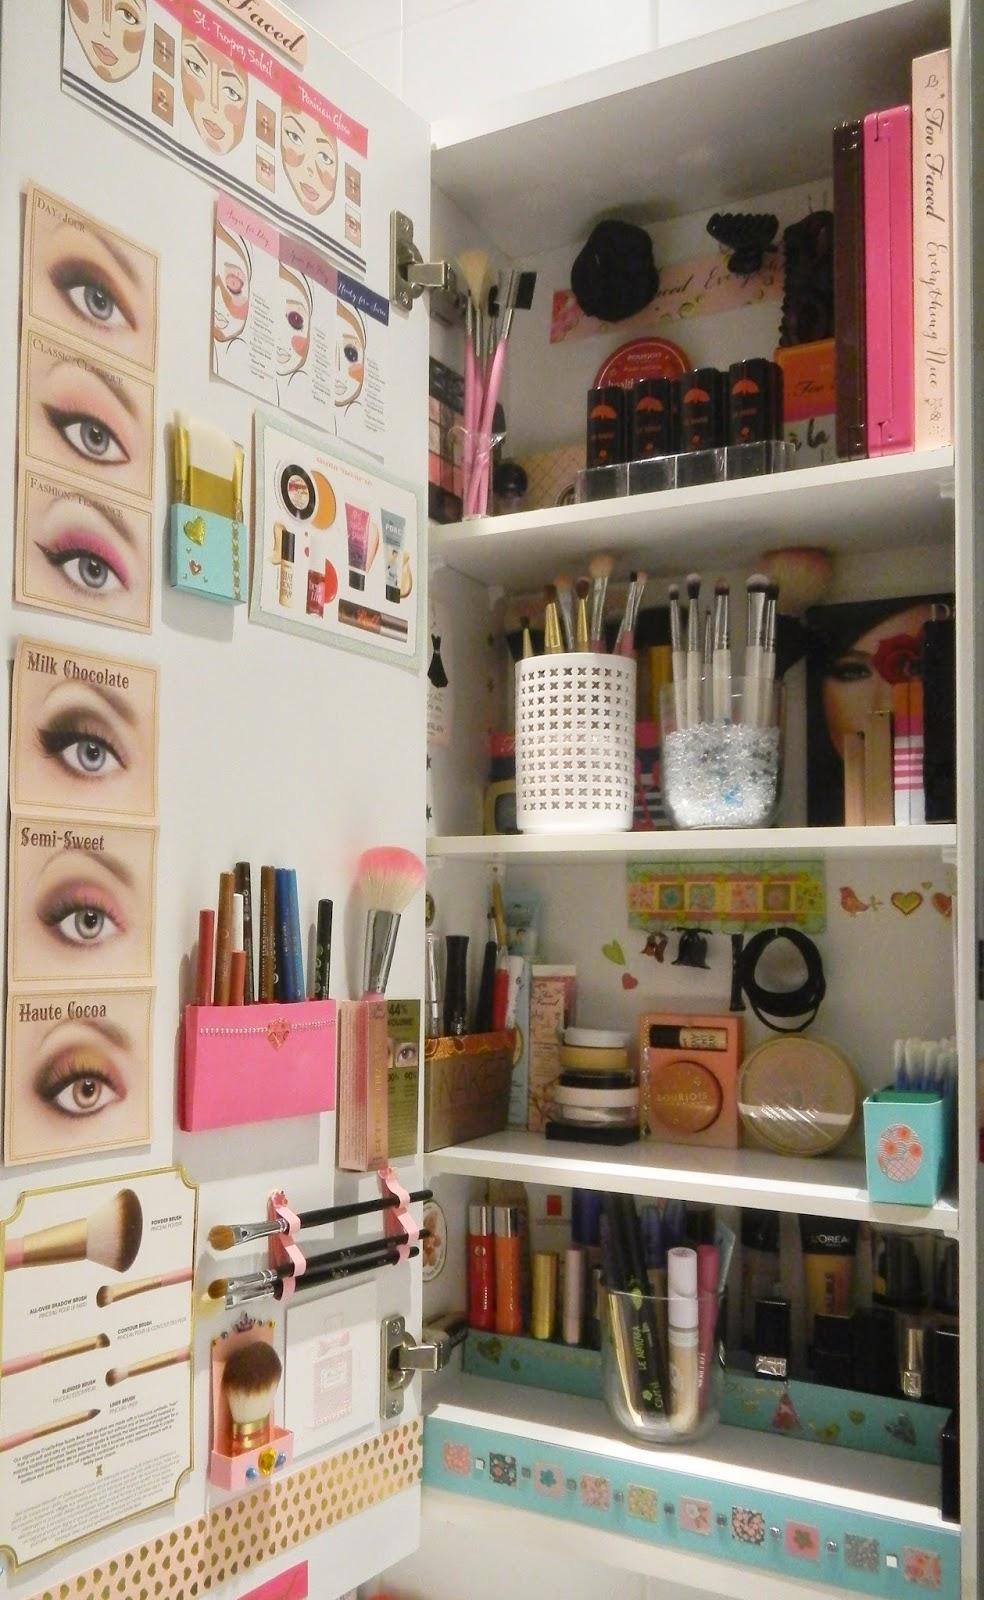 le blog d 39 une rose des bois introduction mon rangement maquillage. Black Bedroom Furniture Sets. Home Design Ideas